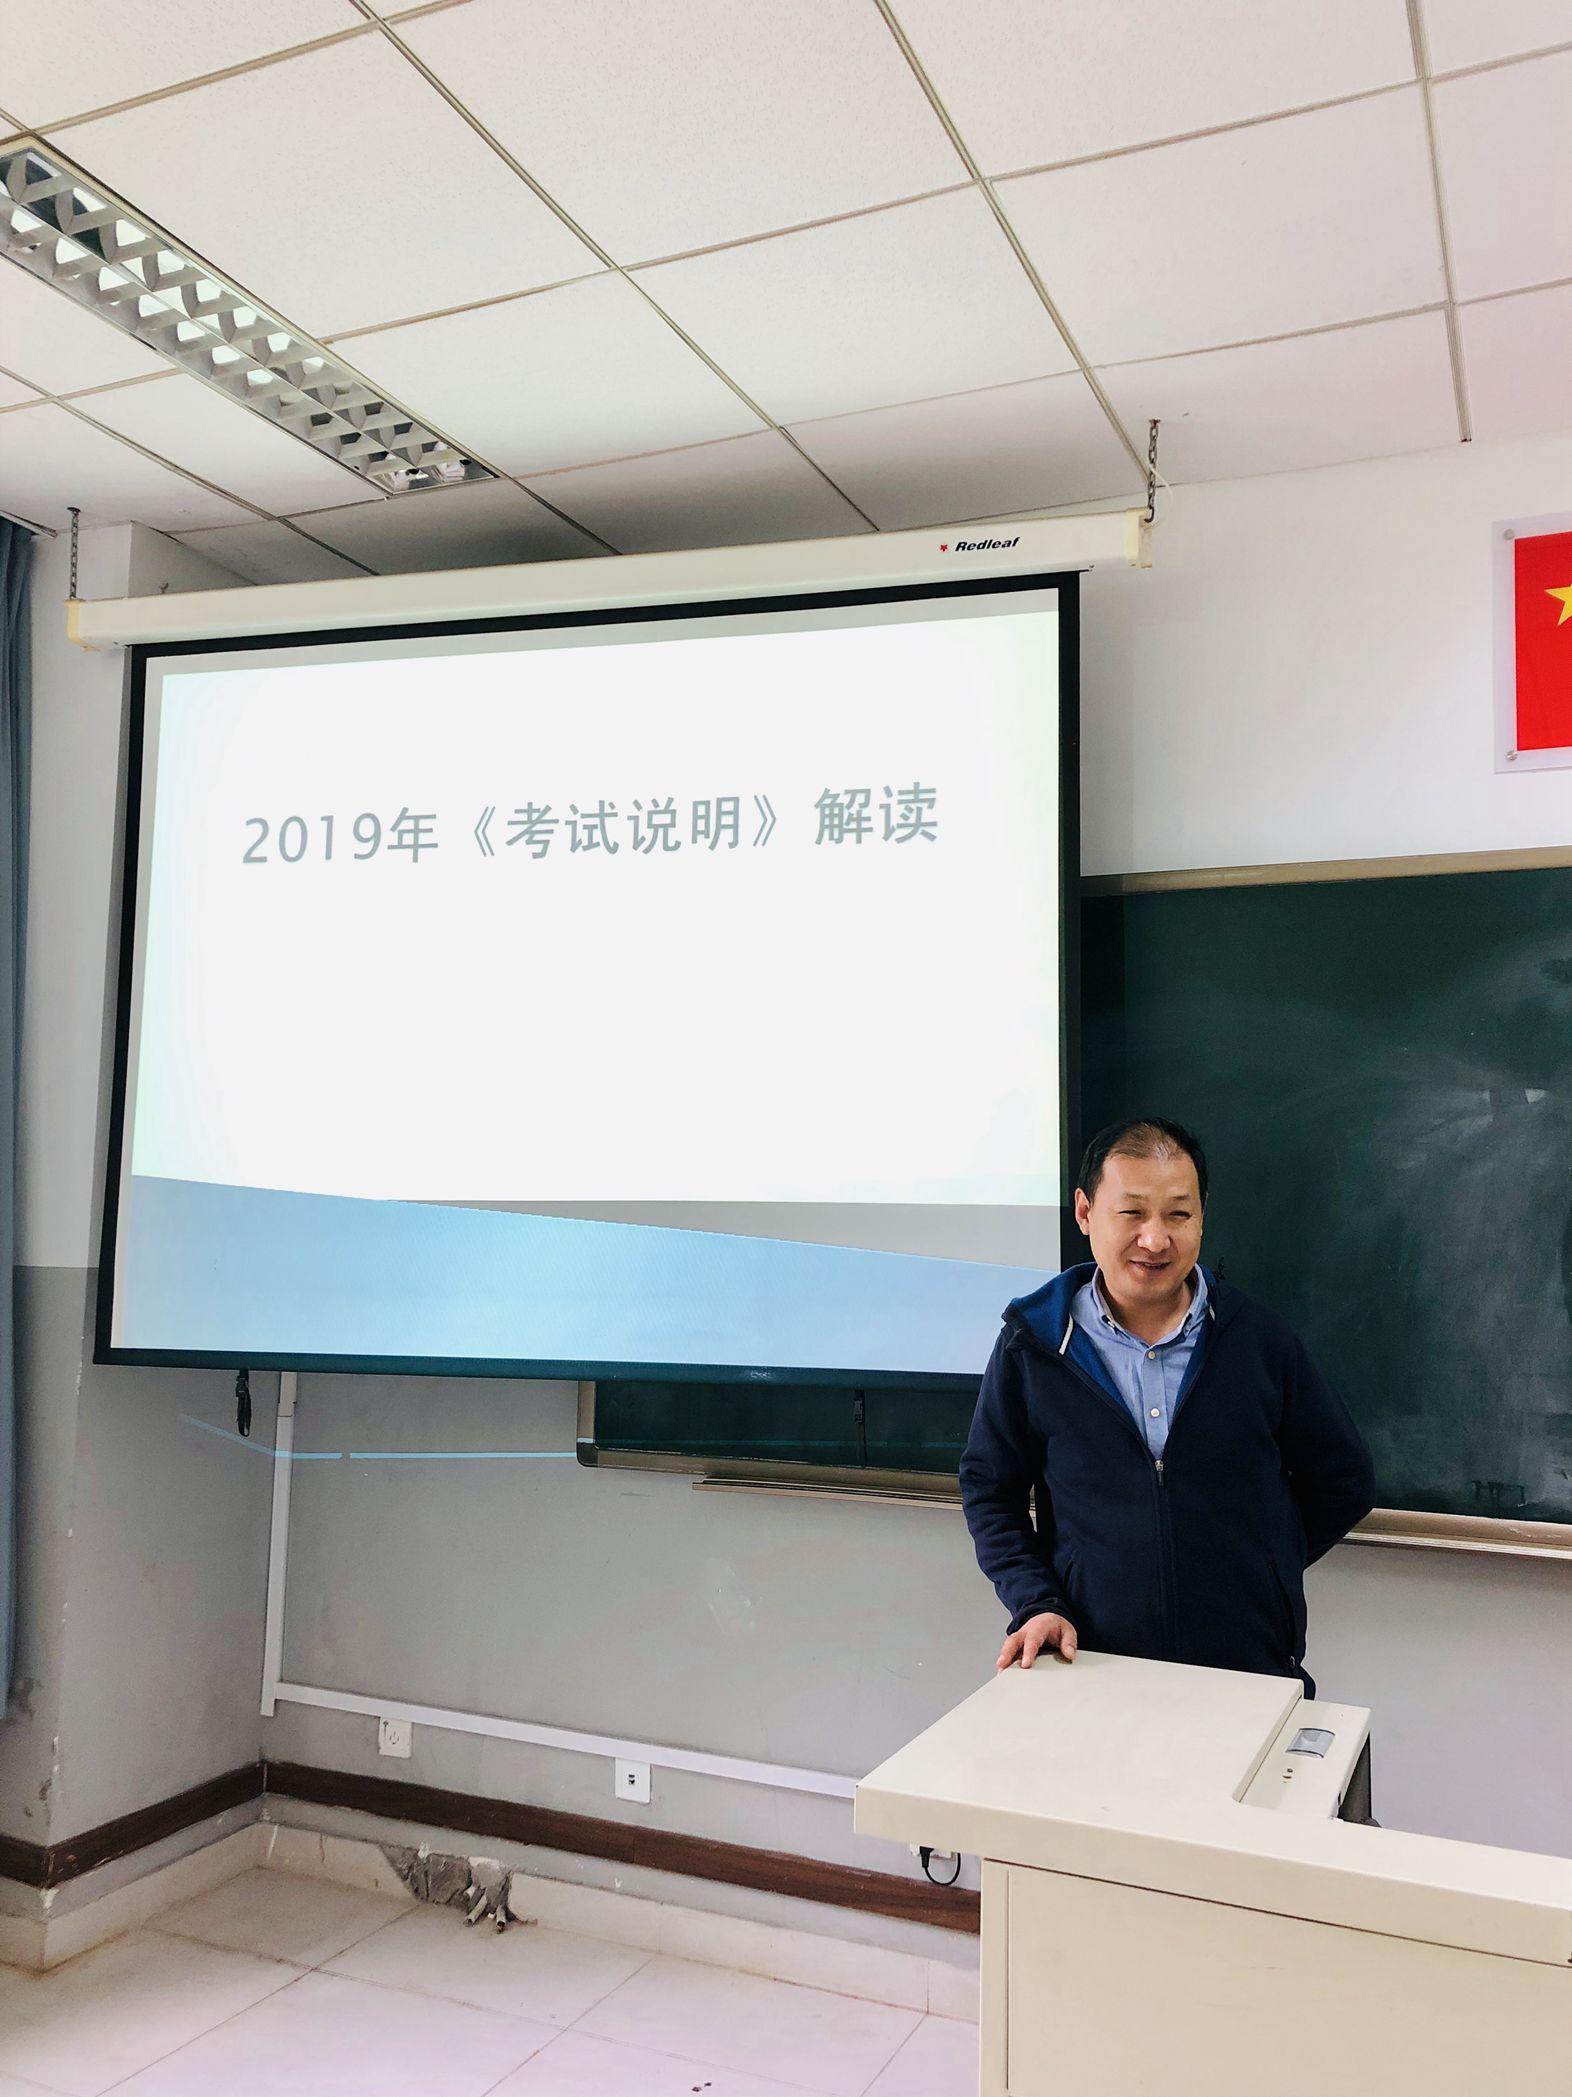 政治组郑国忠老师解读考试说明.jpg